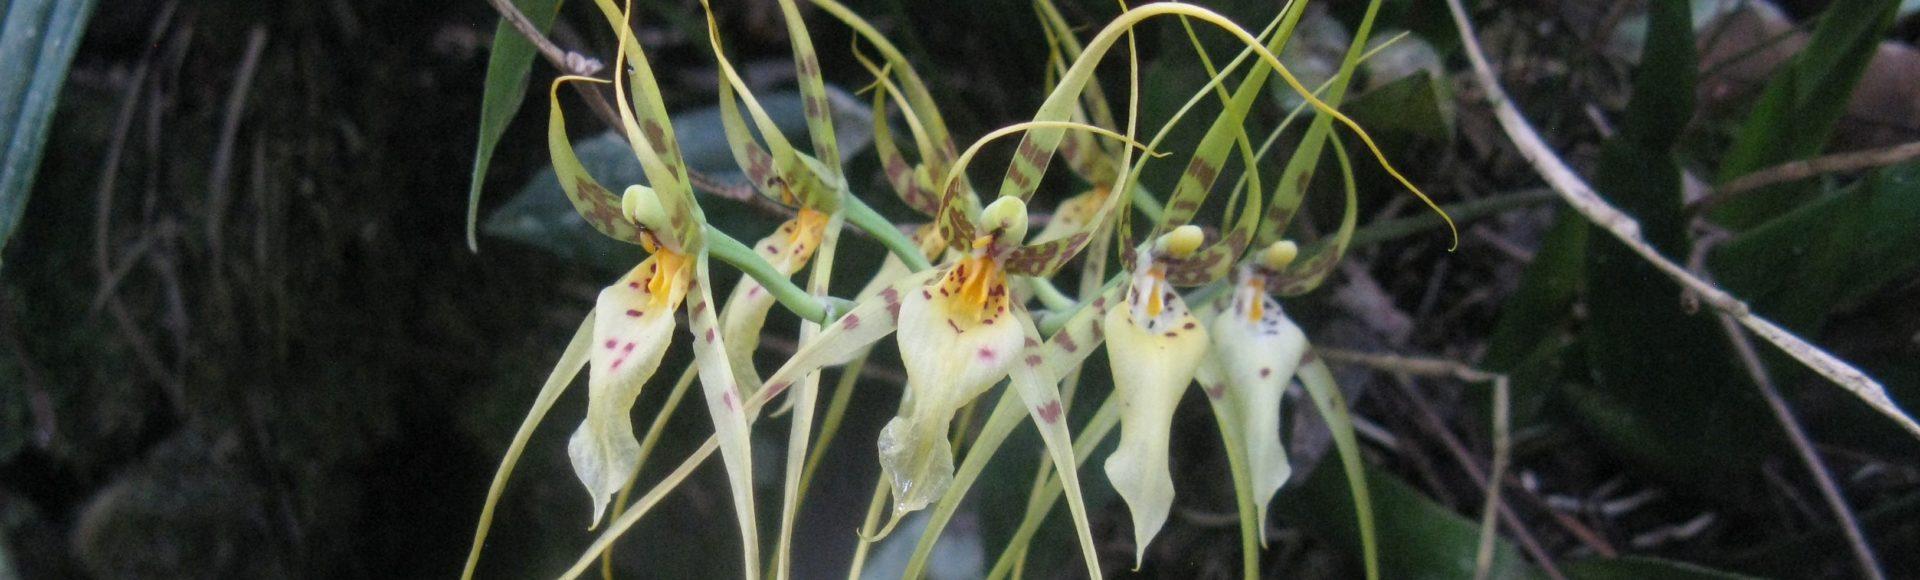 Moyobamba – co warto zobaczyć? Gorące źródła i orchidee!